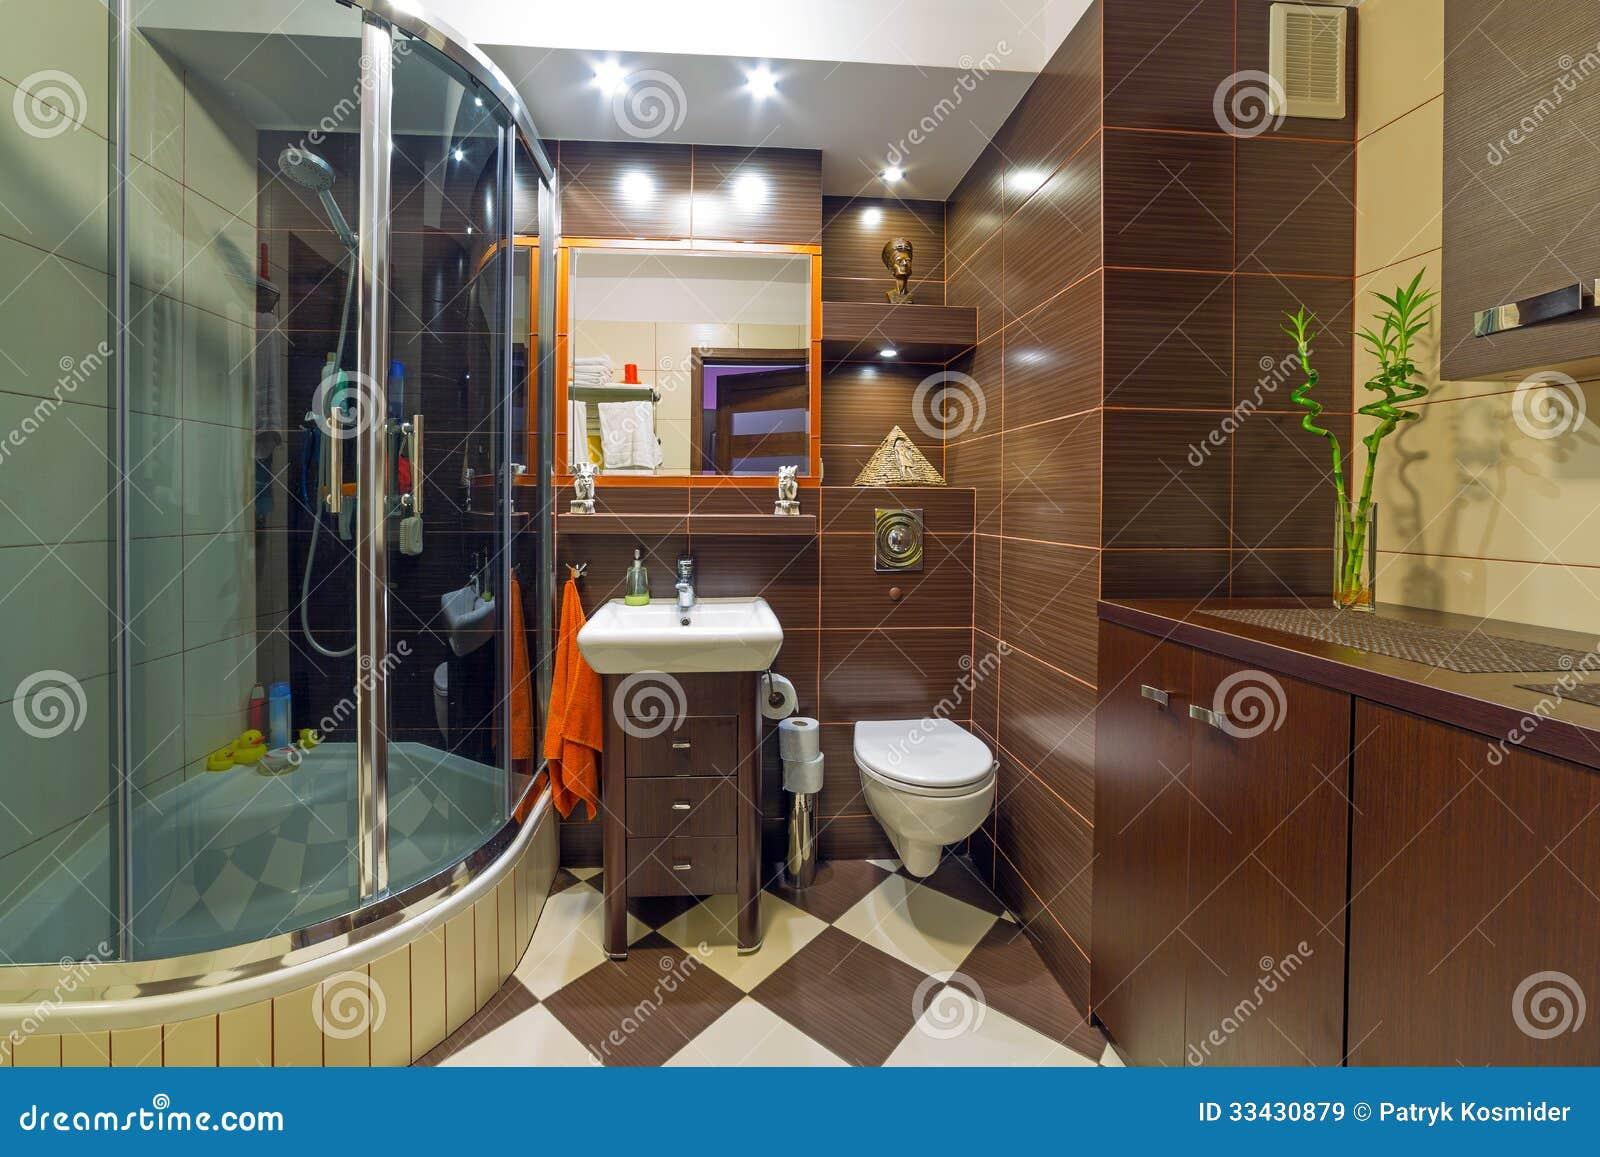 Banheiro Marrom E Bege Moderno Imagens de Stock Royalty Free Imagem  #AD611E 1300x957 Banheiro Bege E Marrom